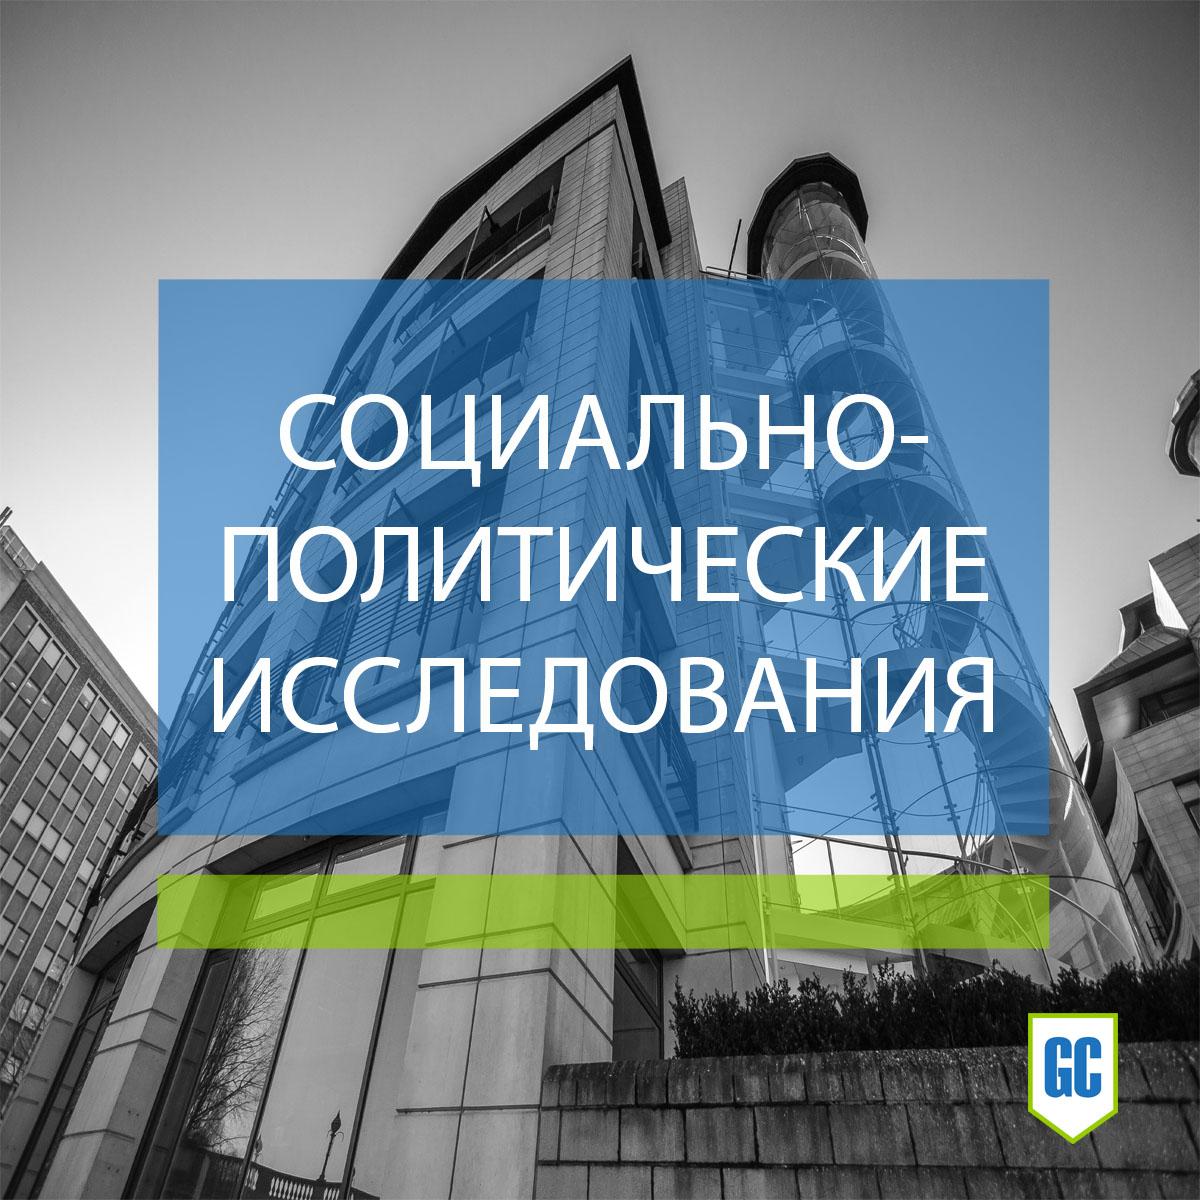 Фото Анализ корпоративной культуры, социально-экономические, социально-политические исследования - заказать услугу 1